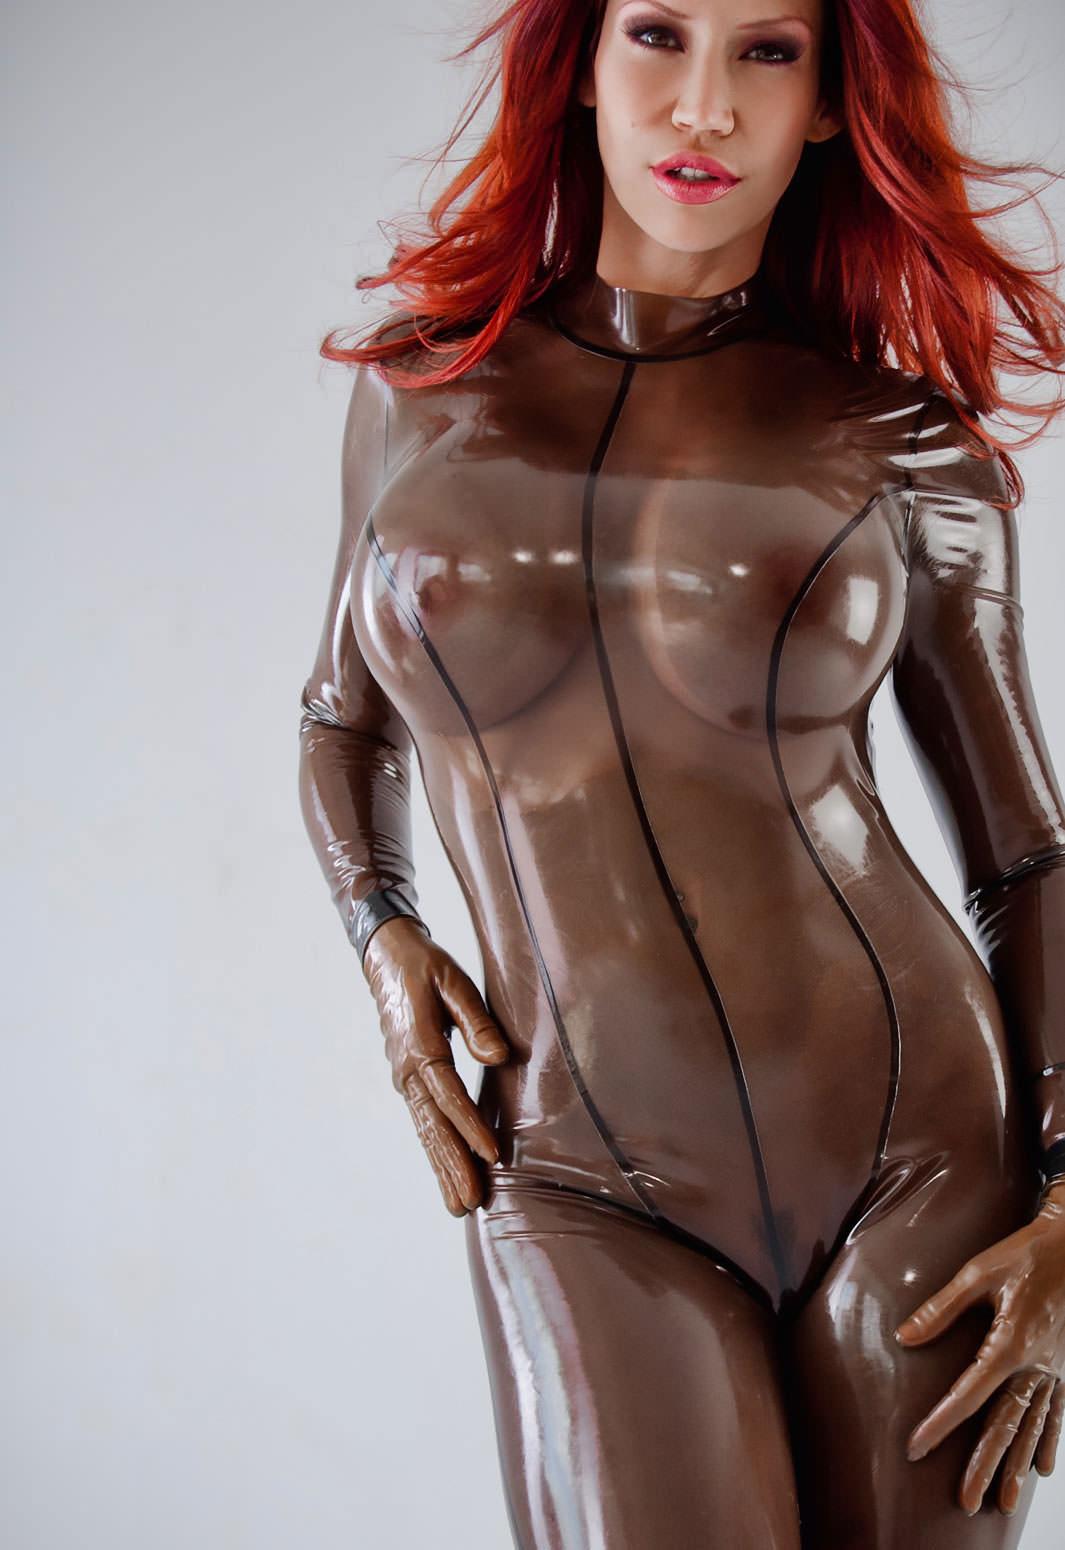 ラバースーツに拘束された海外美女のコスプレSMエロ画像 11131